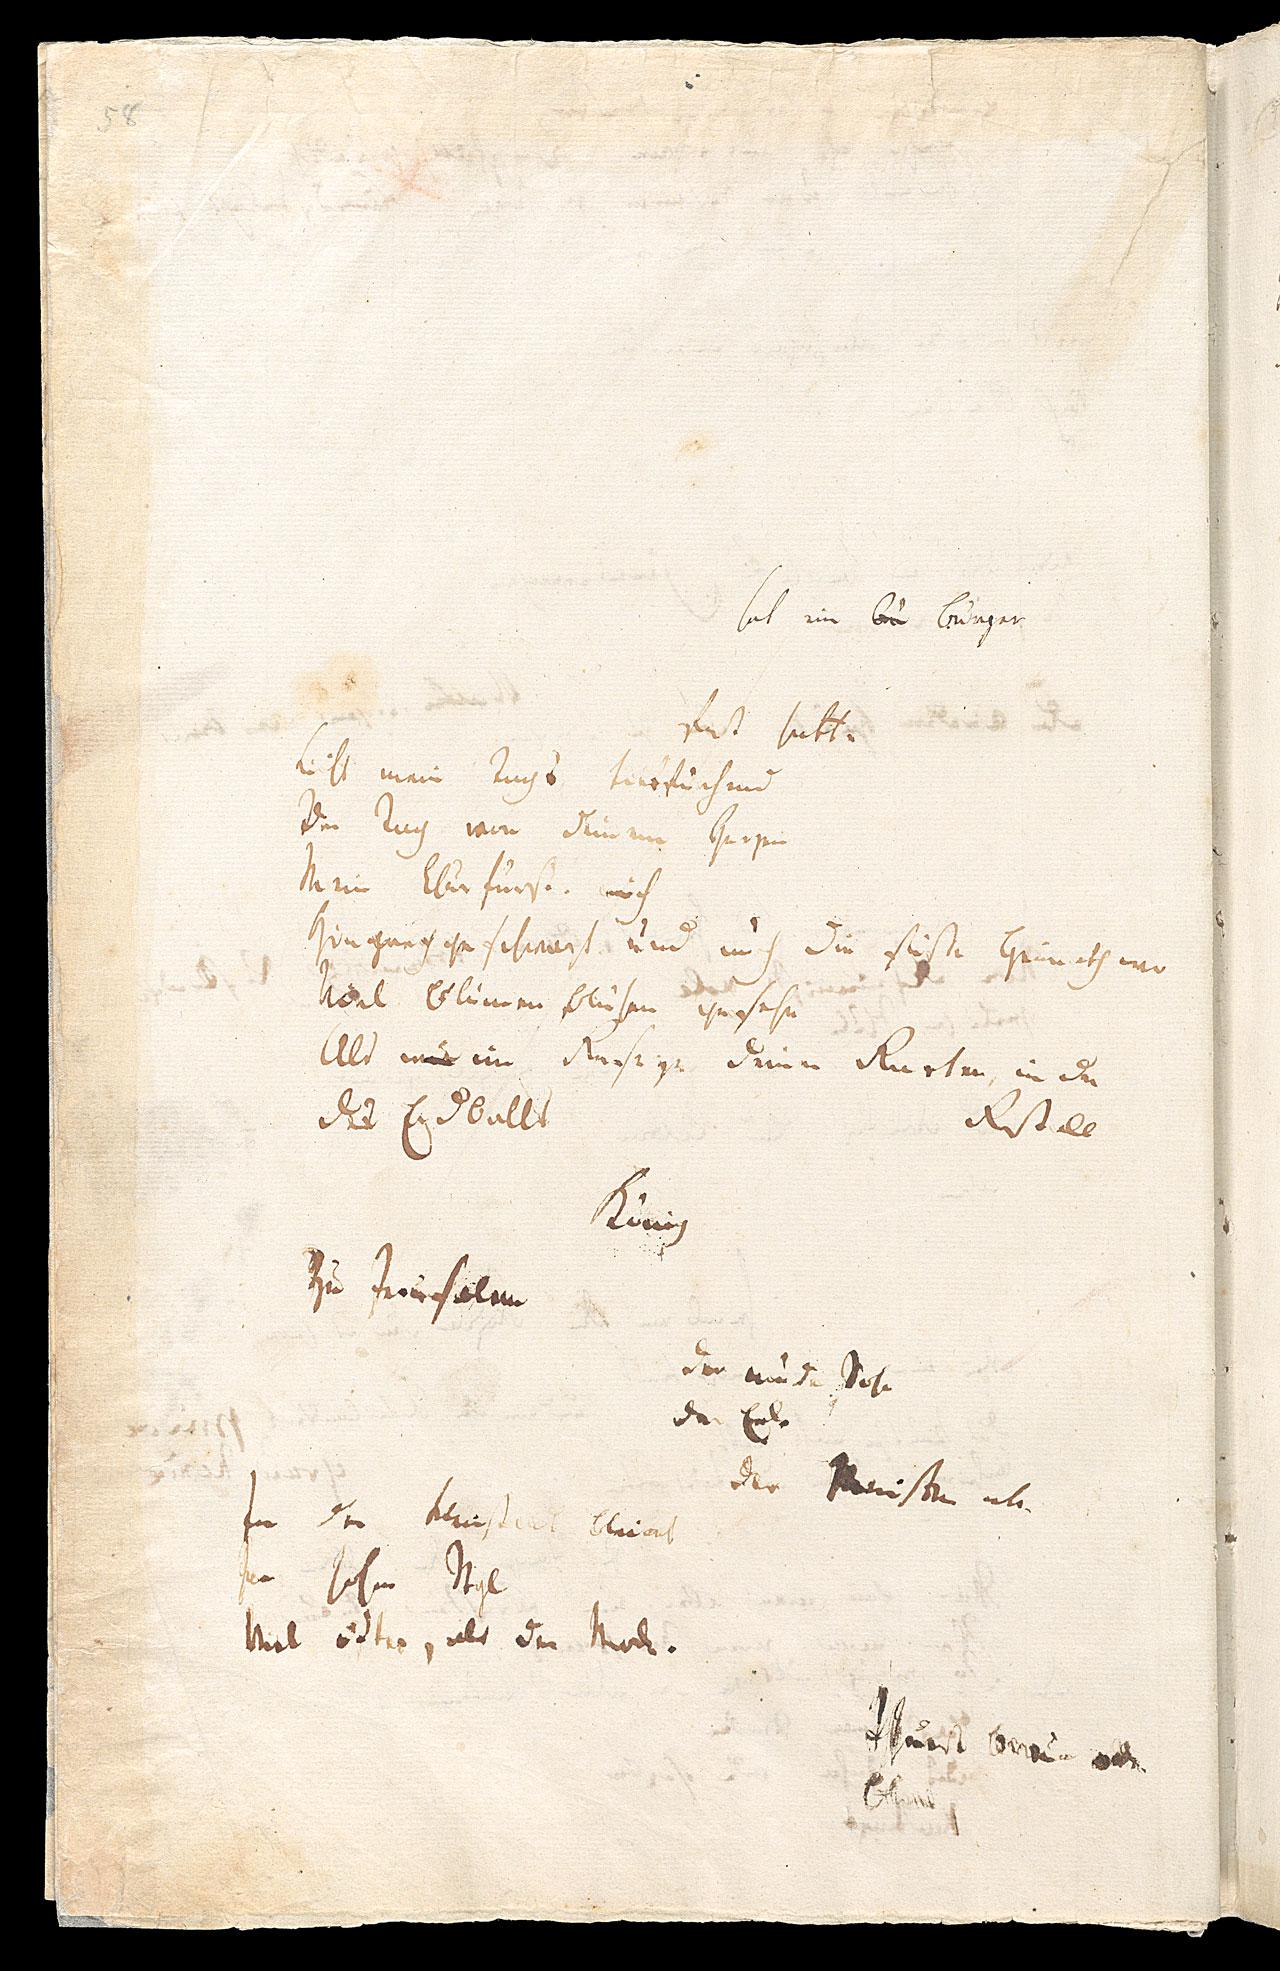 Friedrich Hölderlin, Homburger Folioheft, Seite 58, hat ein Bürger…, Handschrift